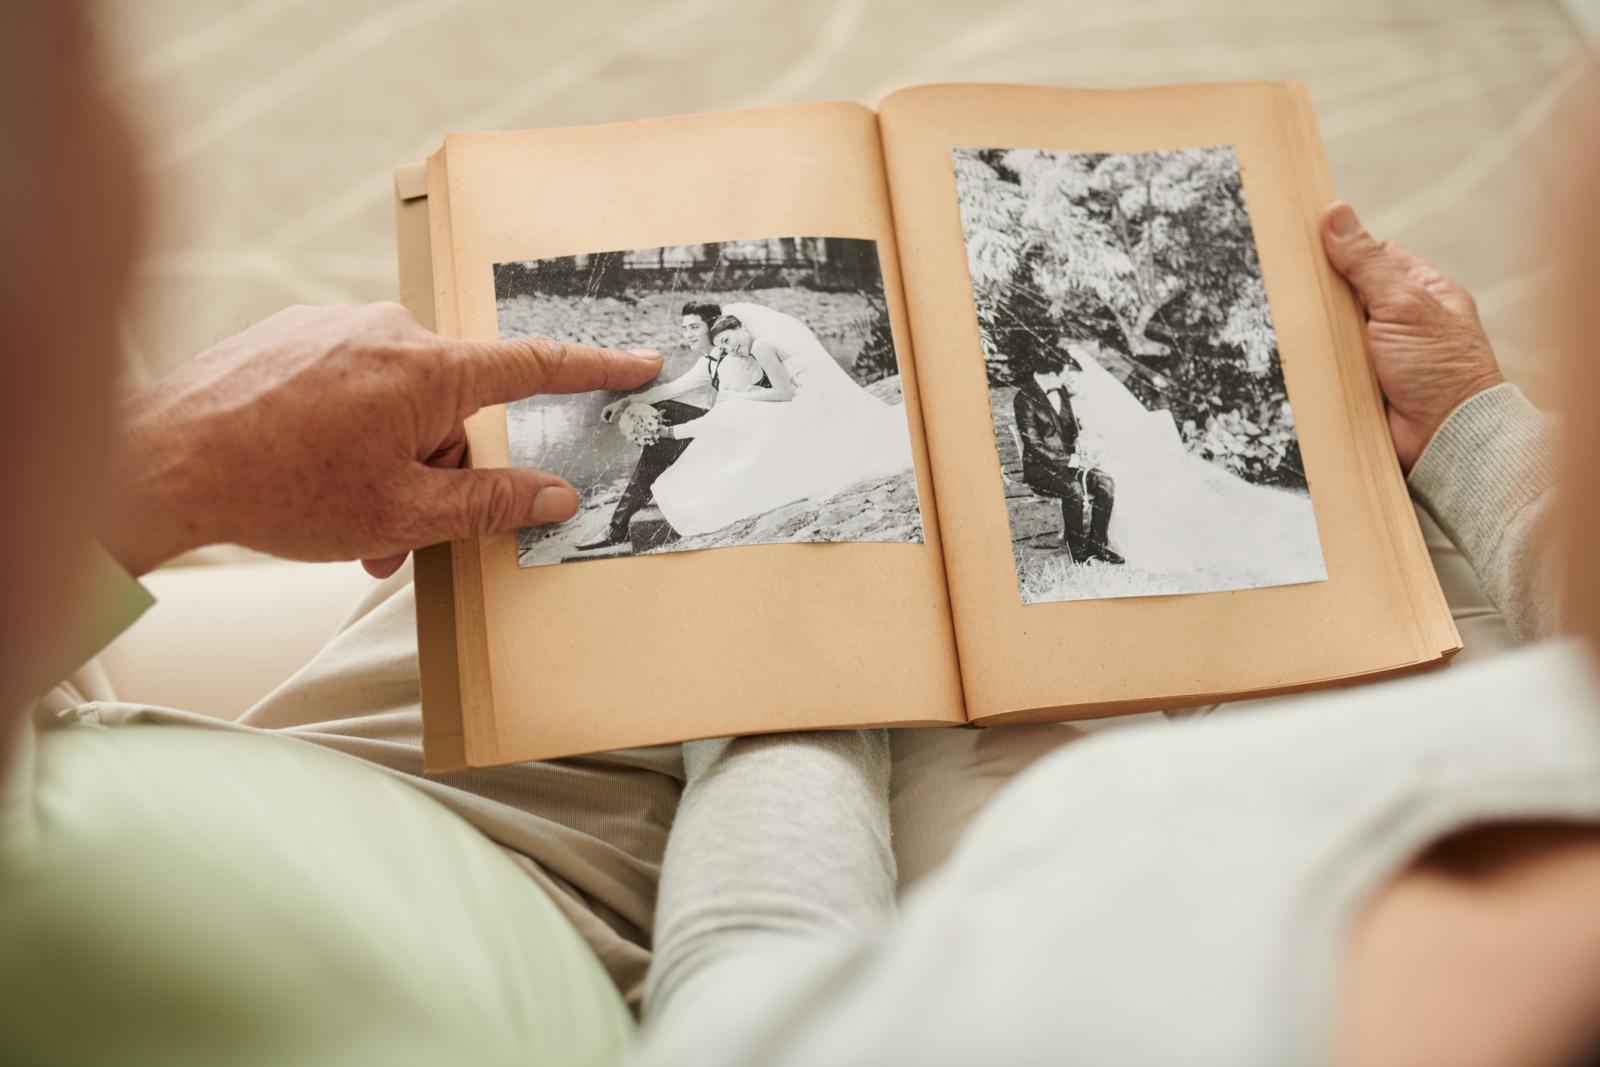 Preporučuje se u sklopu aktivnosti pokazivati obiteljske slike iz prošlosti kako bi se vidjelo koga će prepoznati.